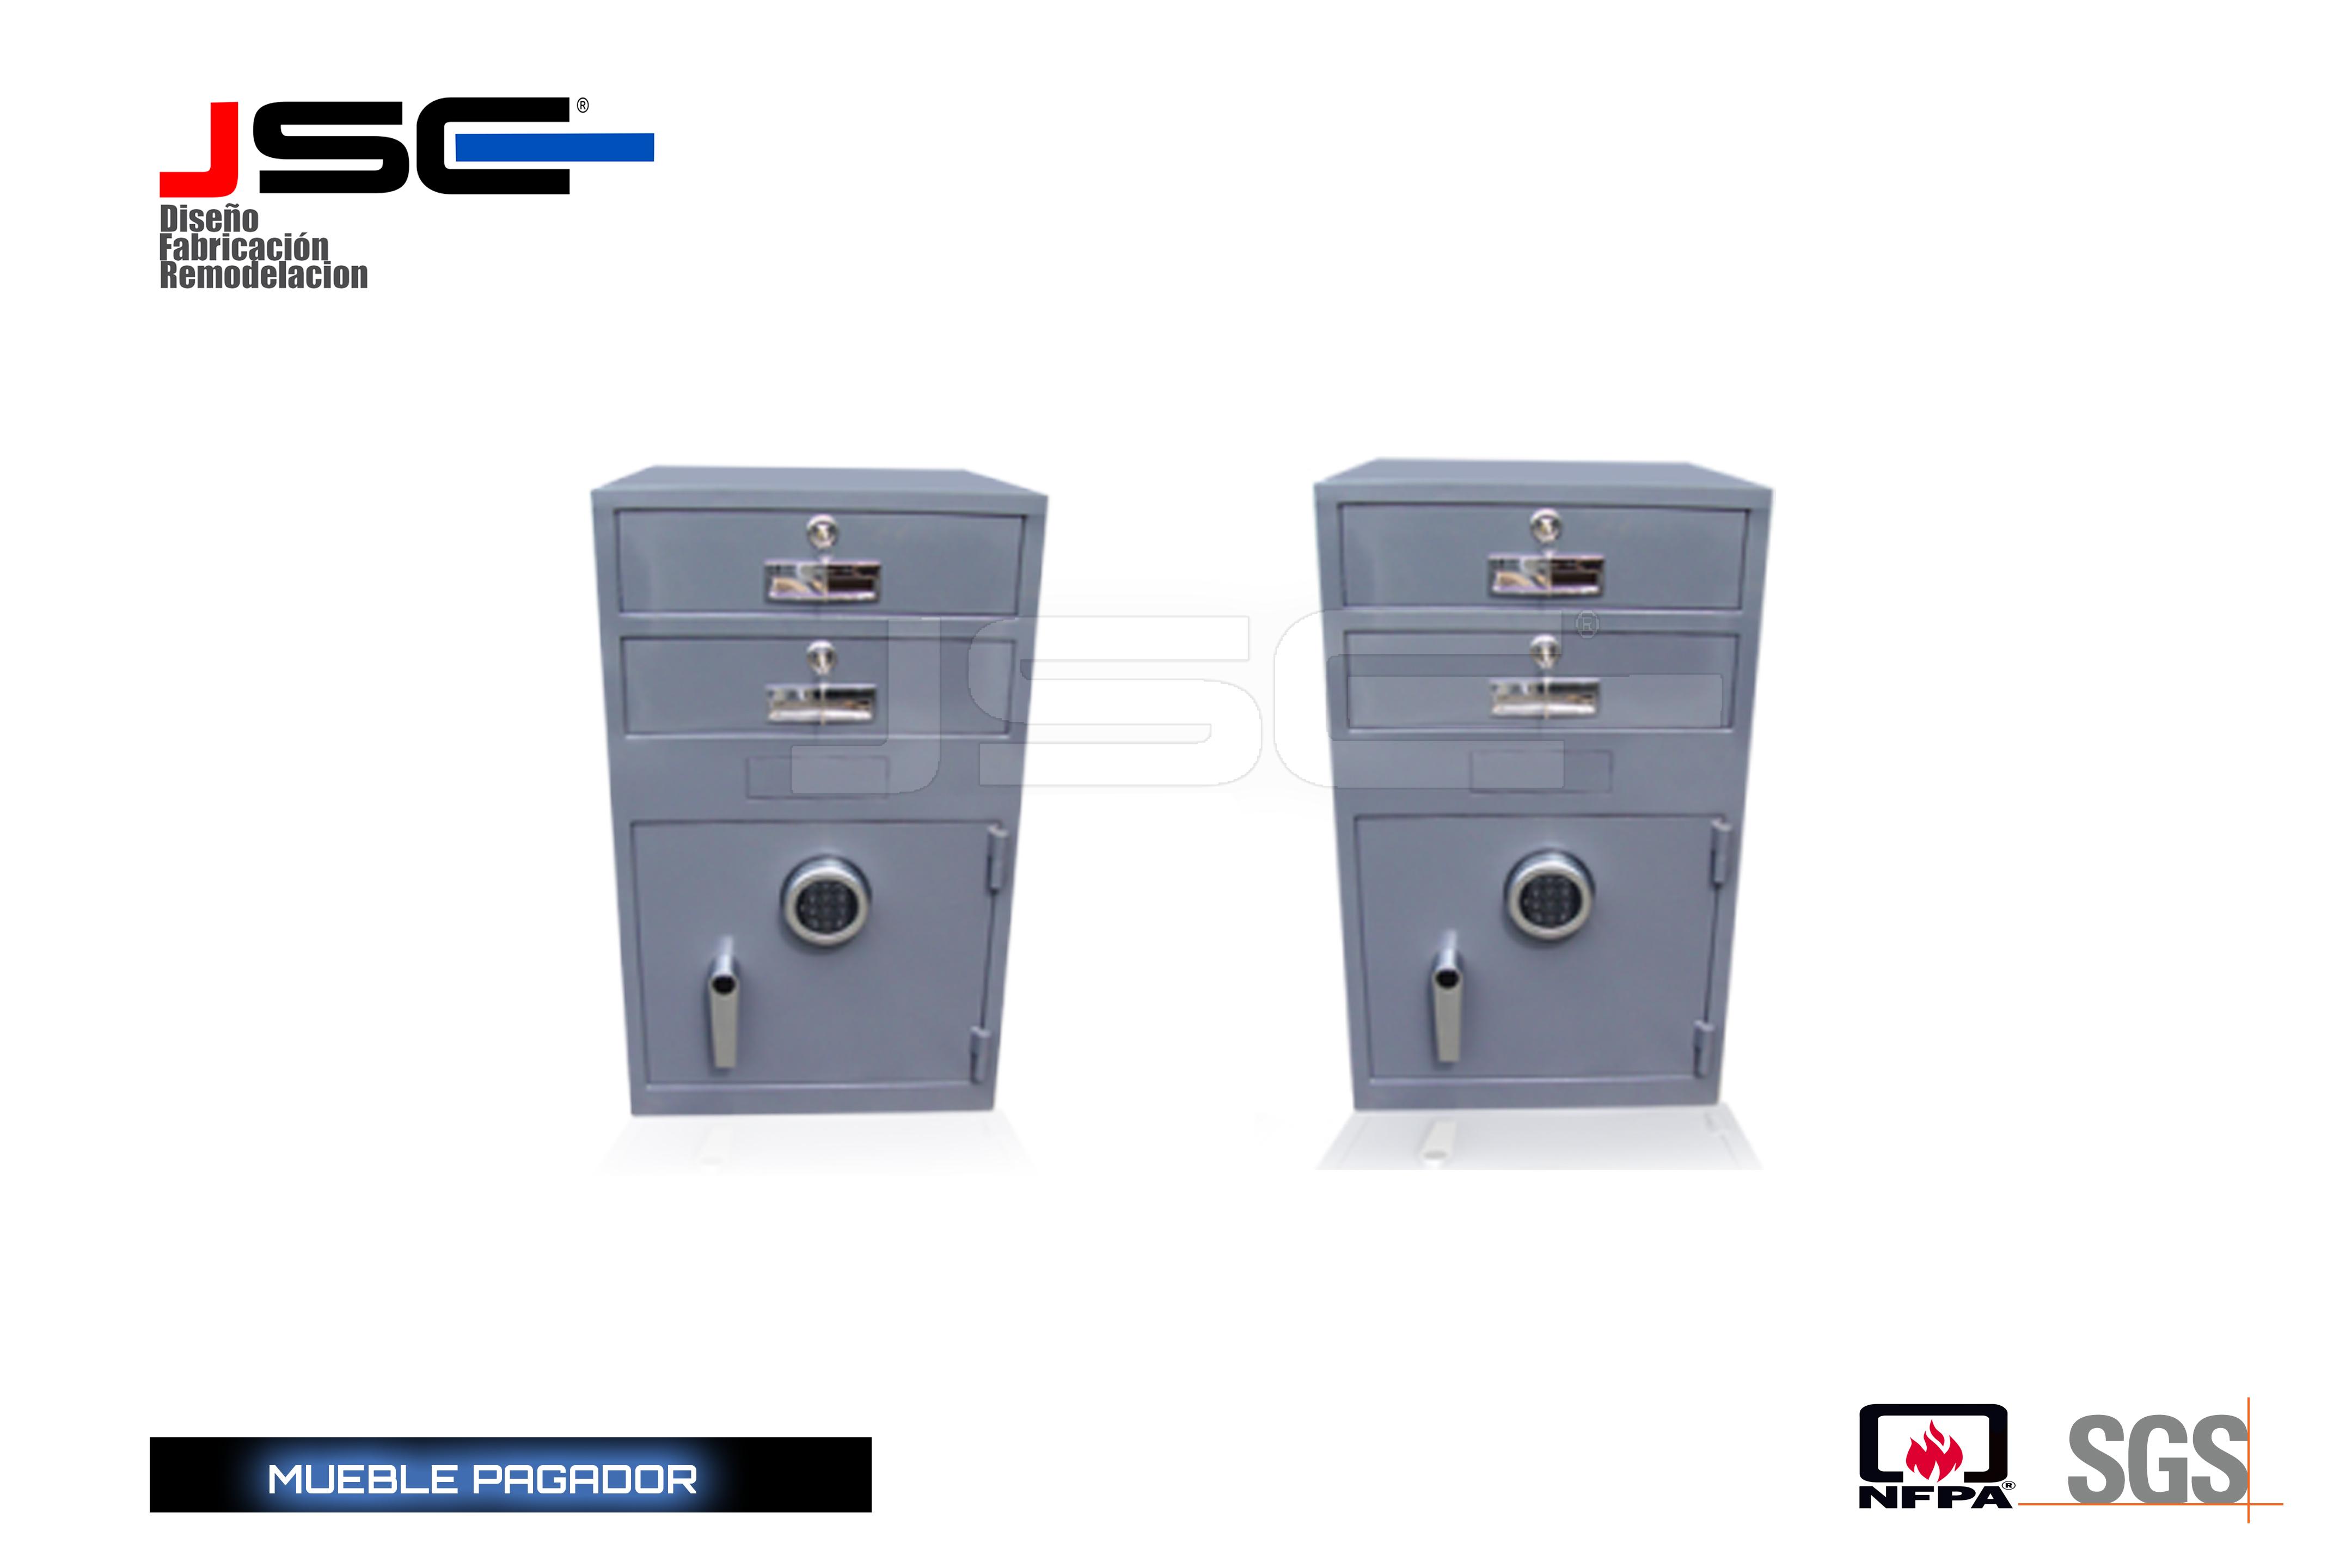 Mueble pagador JSC003